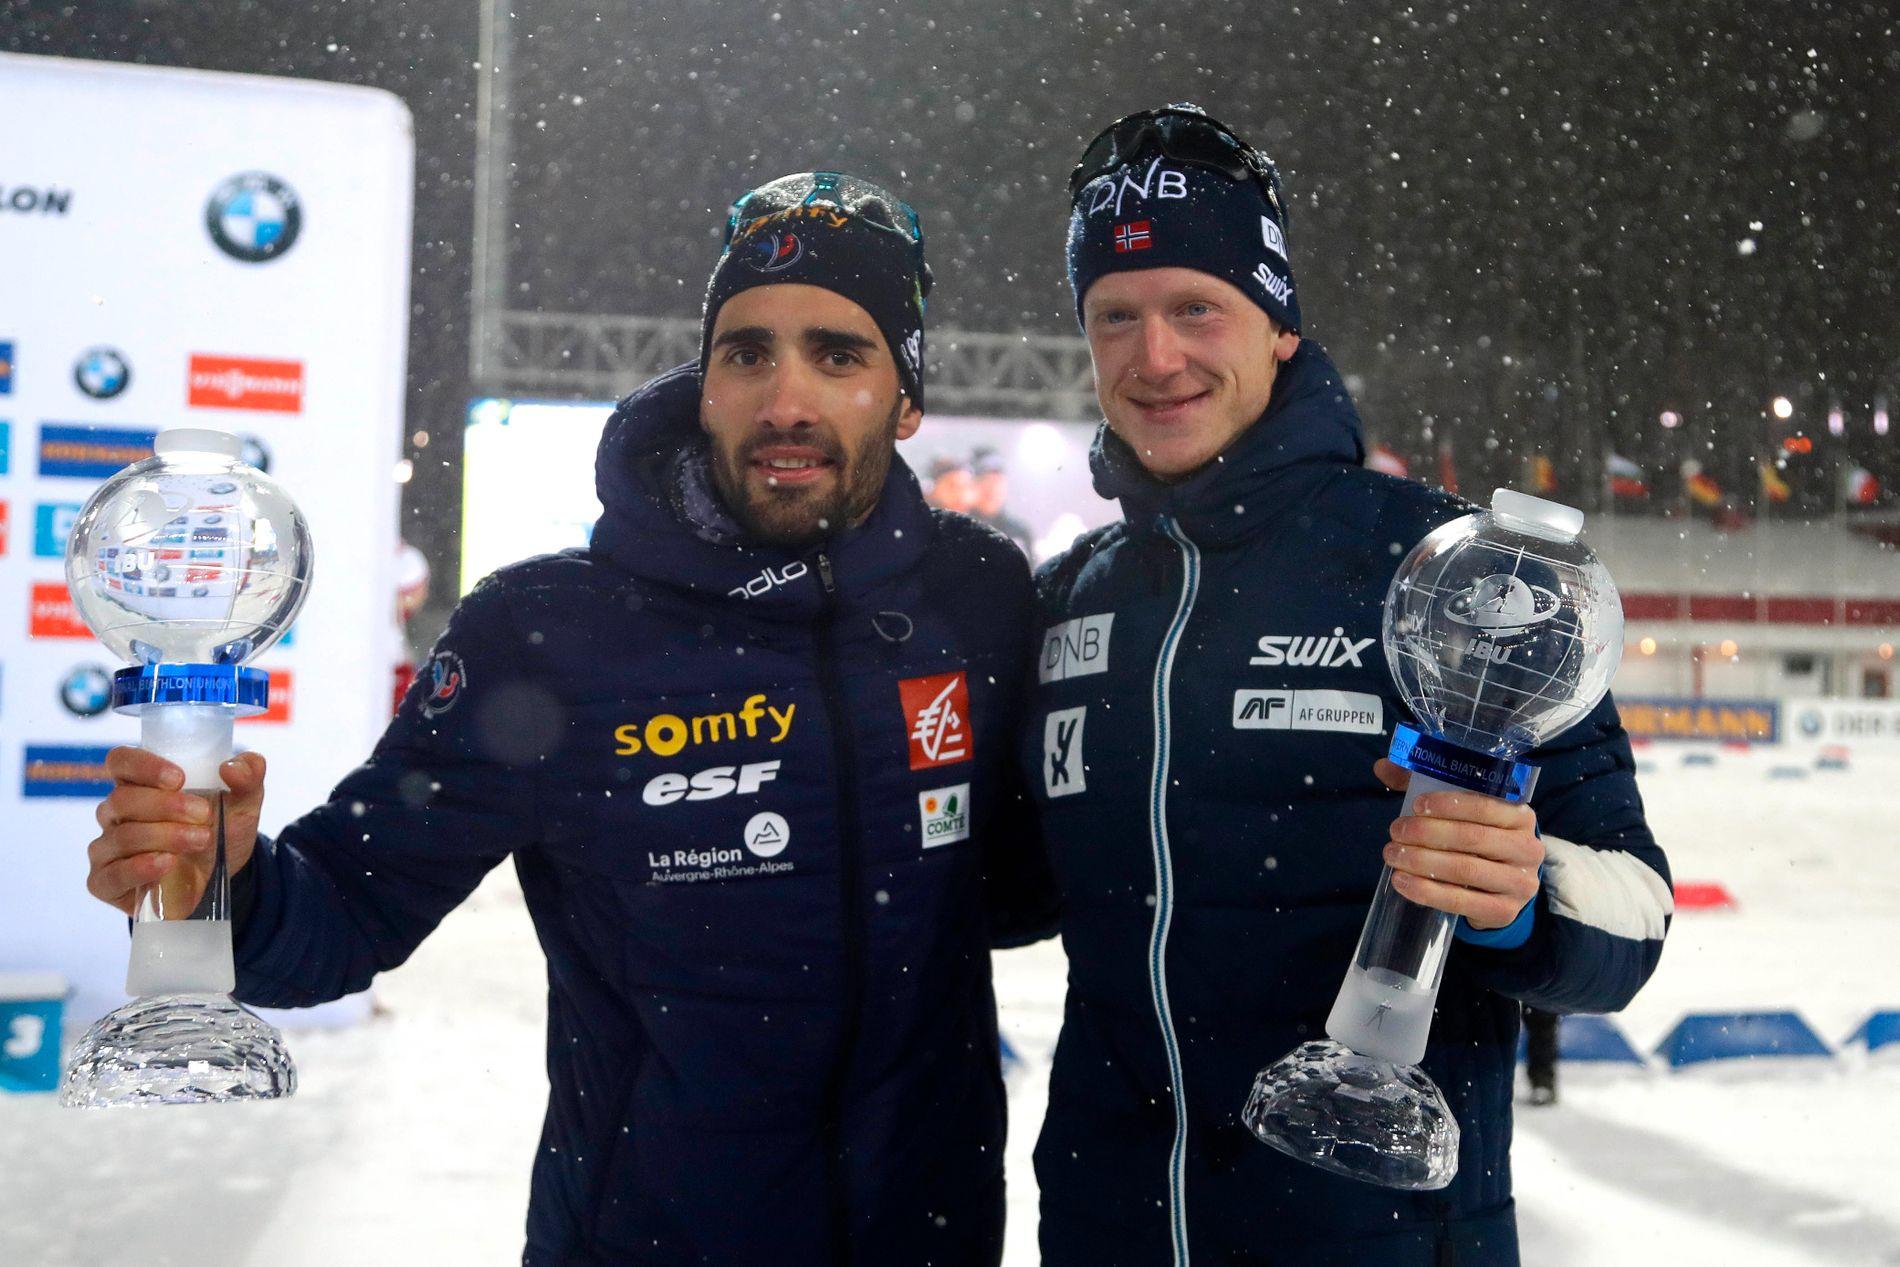 VALGTE Å GÅ I RUSSLAND: Martin Fourcade (t.v.) og Johannes Thingnes Bø knivet om sammenlagtseieren i verdenscupen og valgte å gå i Tymen. De fikk hvert sitt trofé etter delt seier i sprintcupen.